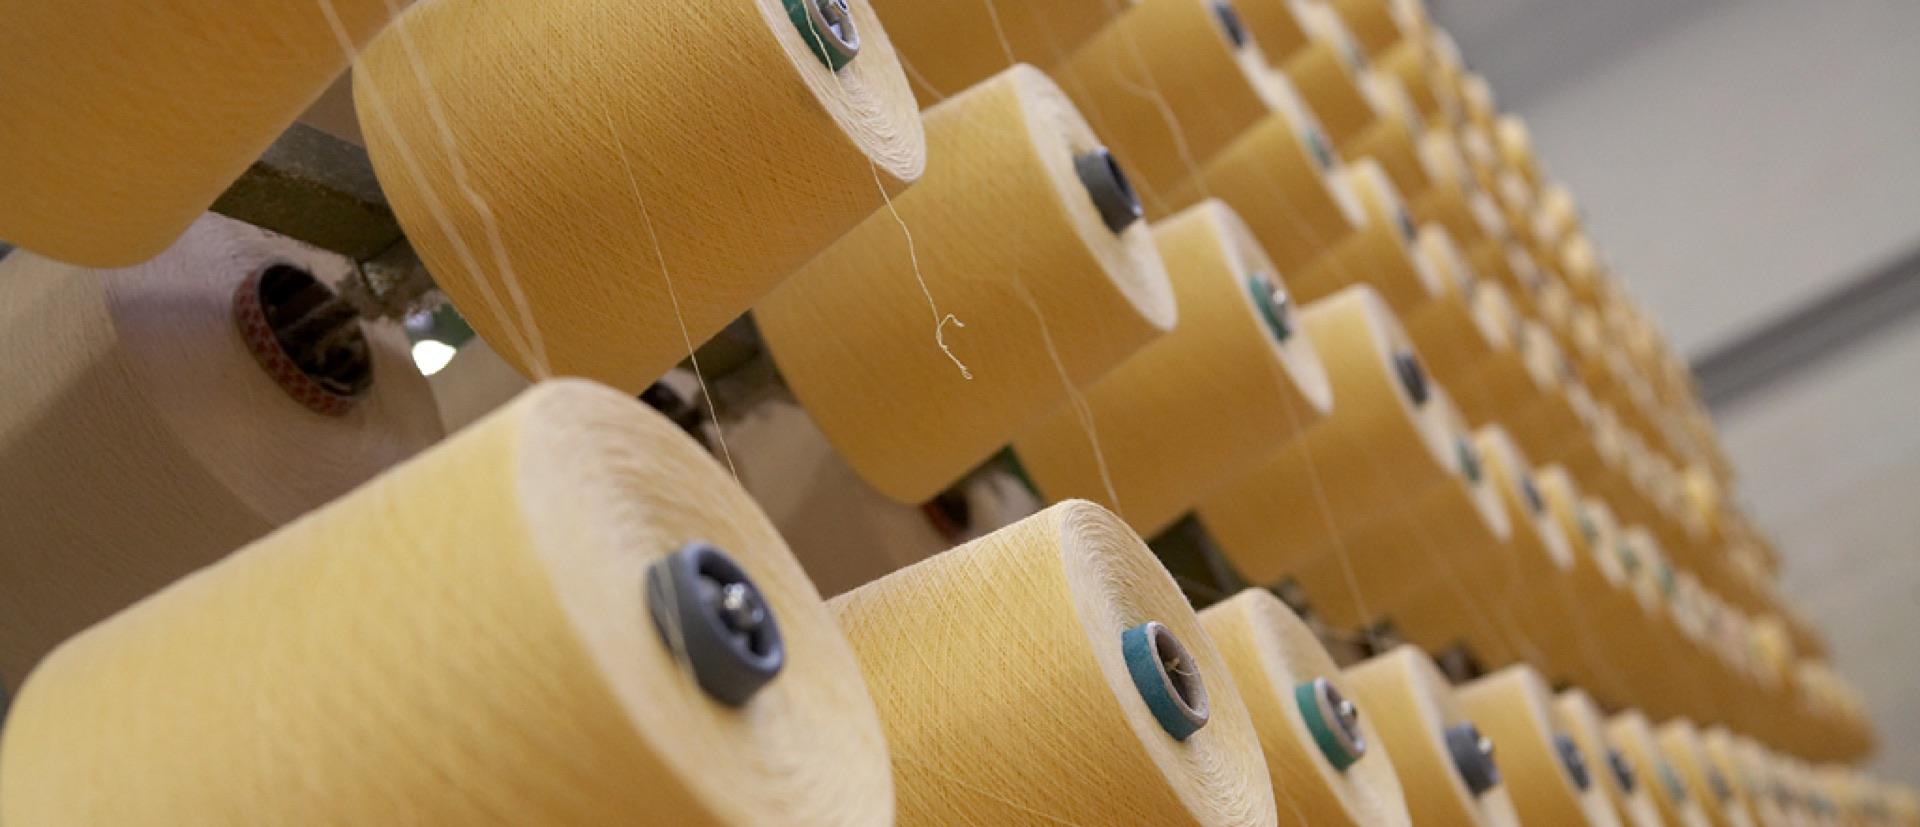 Rivolta Carmignani manifattura qualità